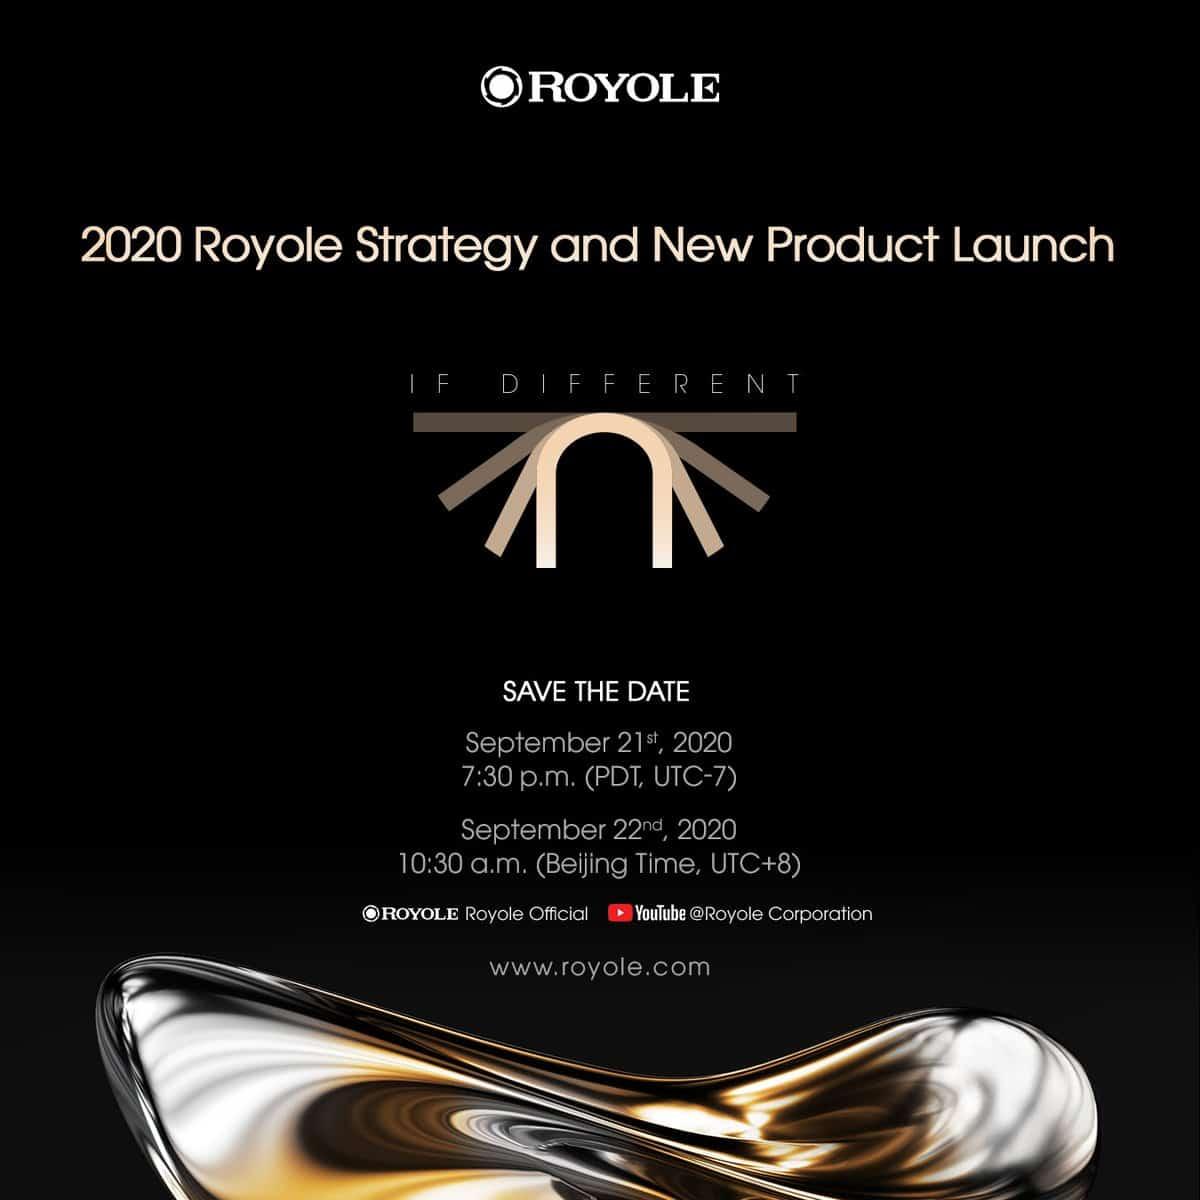 Royole FlexPai 2 event